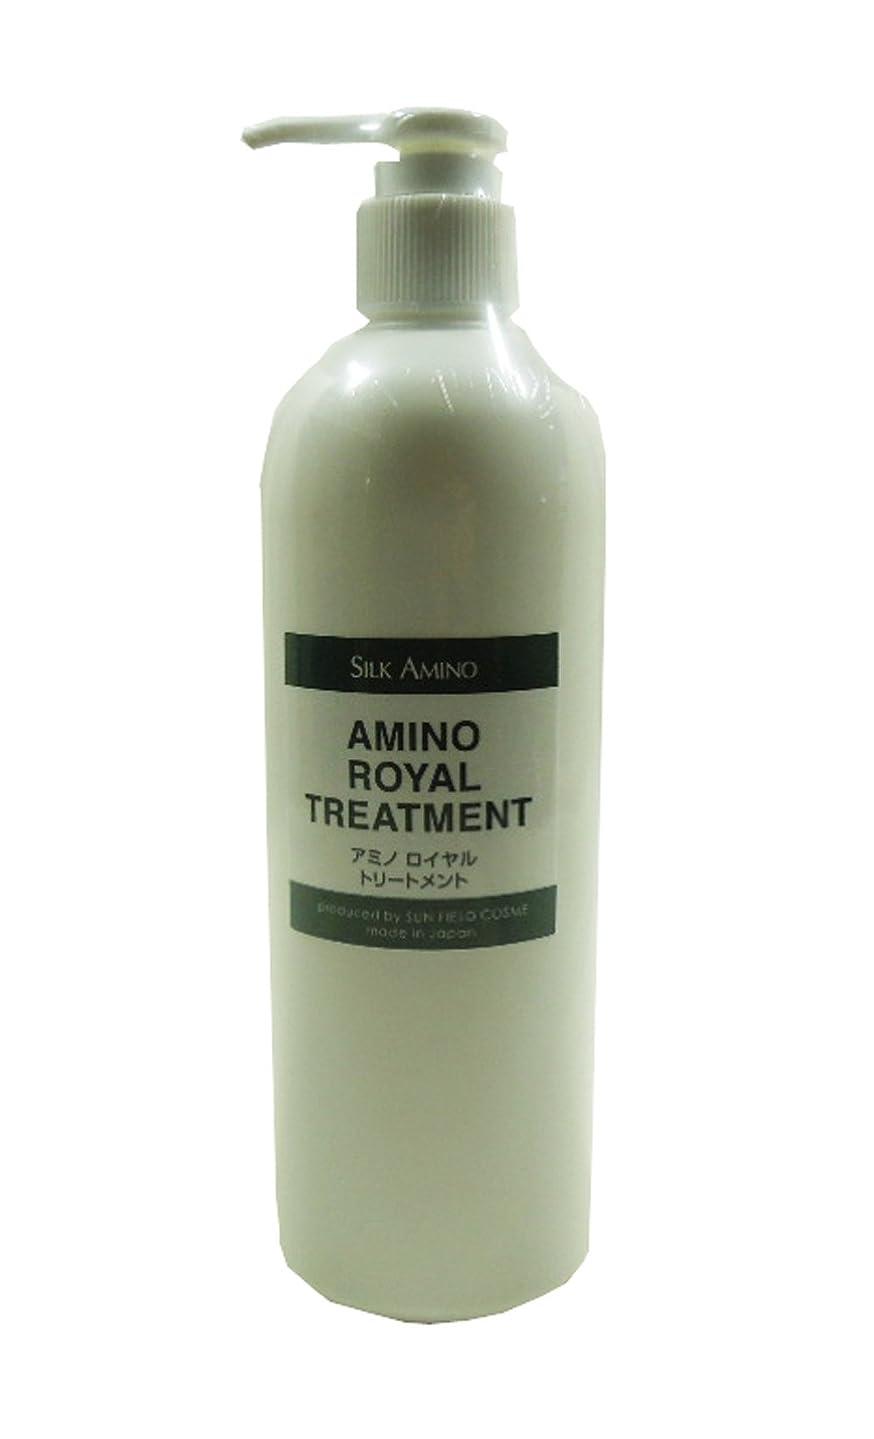 うま人気の後退するプロの愛用者も多数 【SILK AMINO】 アミノロイヤルトリートメント (トリートメントA) 400ml シルクとアミノ酸の配合